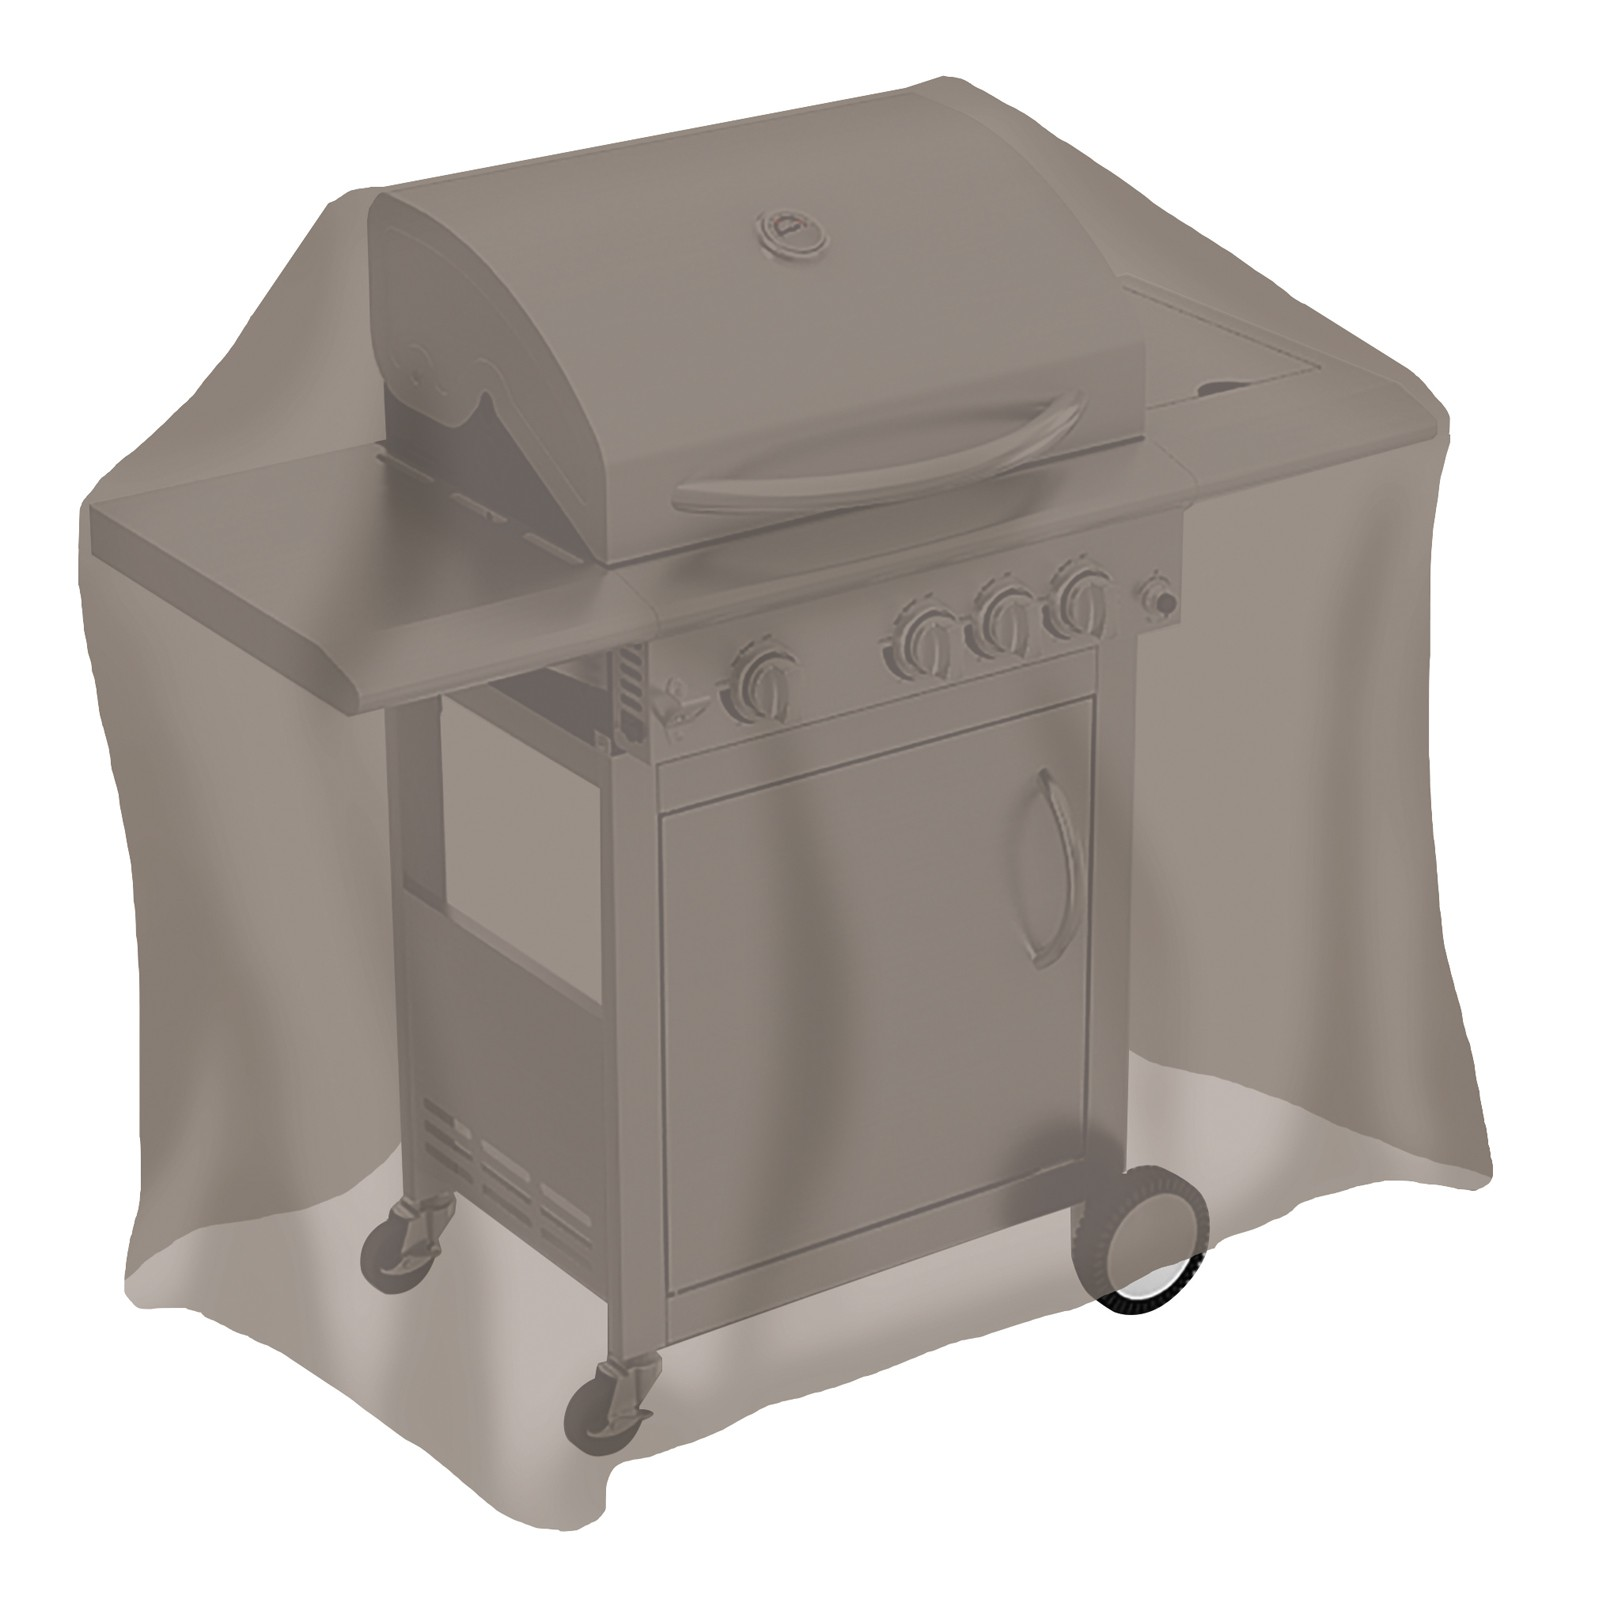 tepro gasgrill abdeckung abdeckhaube schutzh lle grillabdeckung mittel taupe ebay. Black Bedroom Furniture Sets. Home Design Ideas